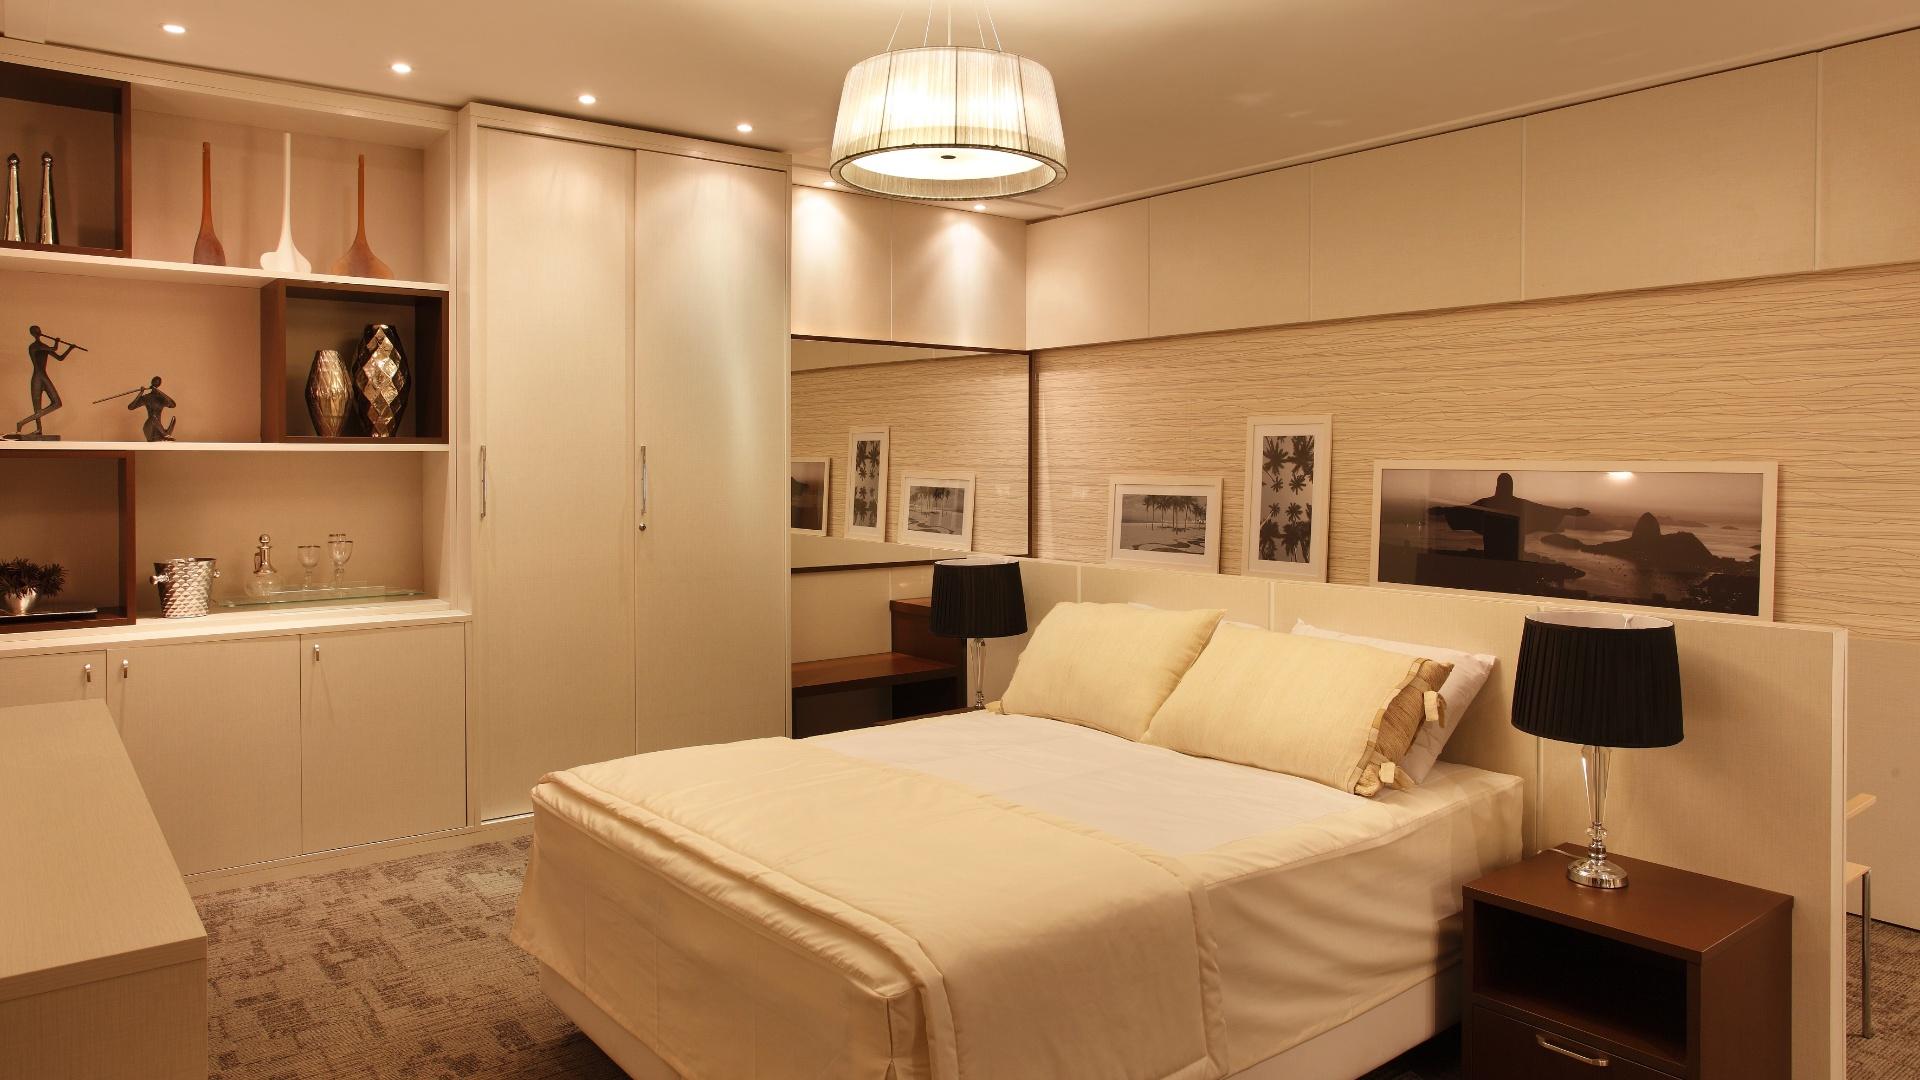 Quarto Standard Hotelaria criado por Bianca Pesce. A mostra Morar Mais por Menos RJ segue até dia 4 de novembro de 2012, na Av. Epitácio Pessoa, 4.866, Rio de Janeiro